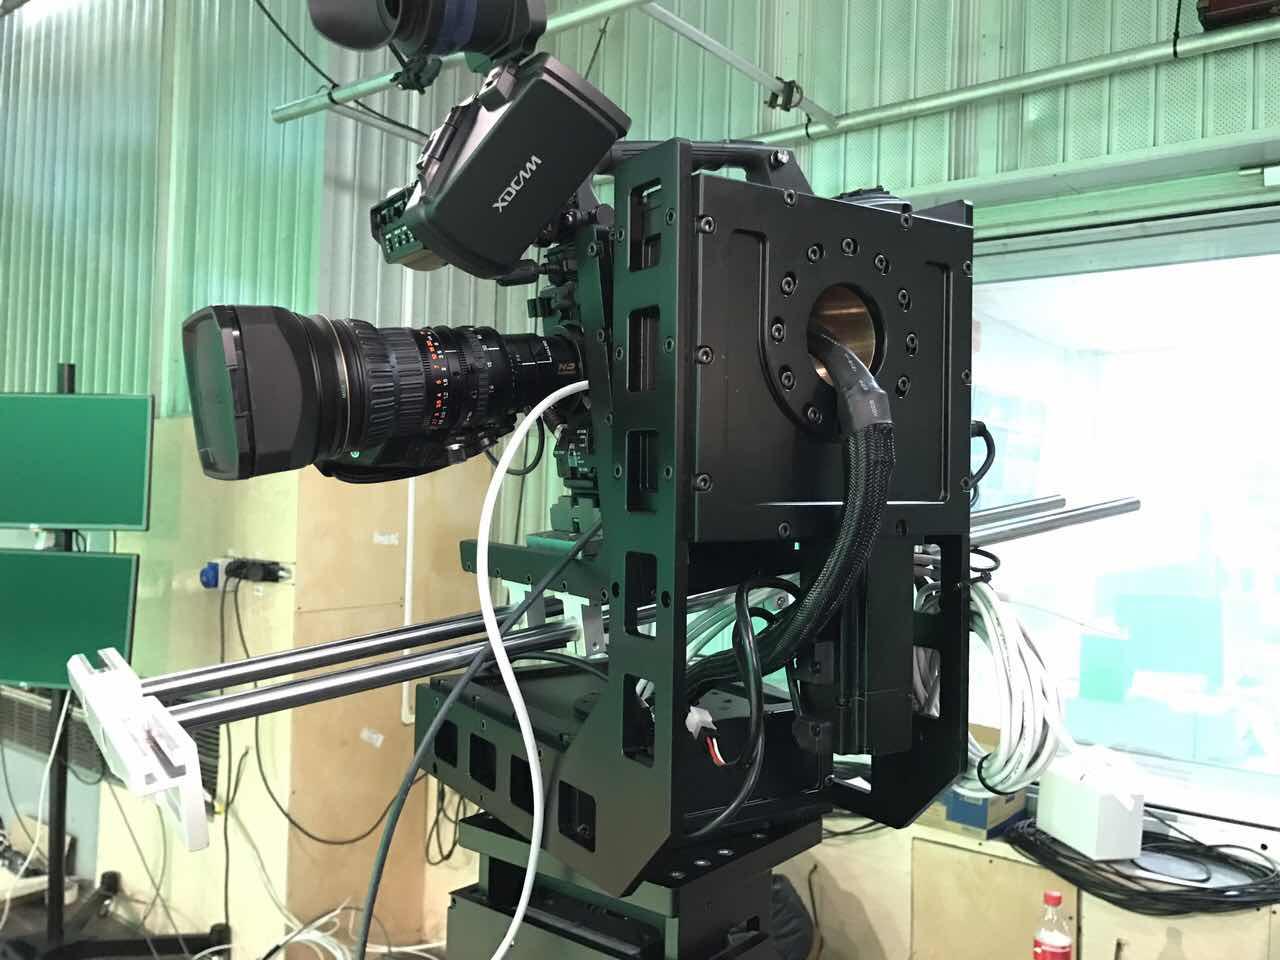 """Специалисты ITDILAB разработали съемочной комплекс на роботизированная тележке для студии """" Россия 24"""". Данный комплекс позволяет вести эфиры максимального качества с возможностью управления камерой по вертикали и горизонтали"""